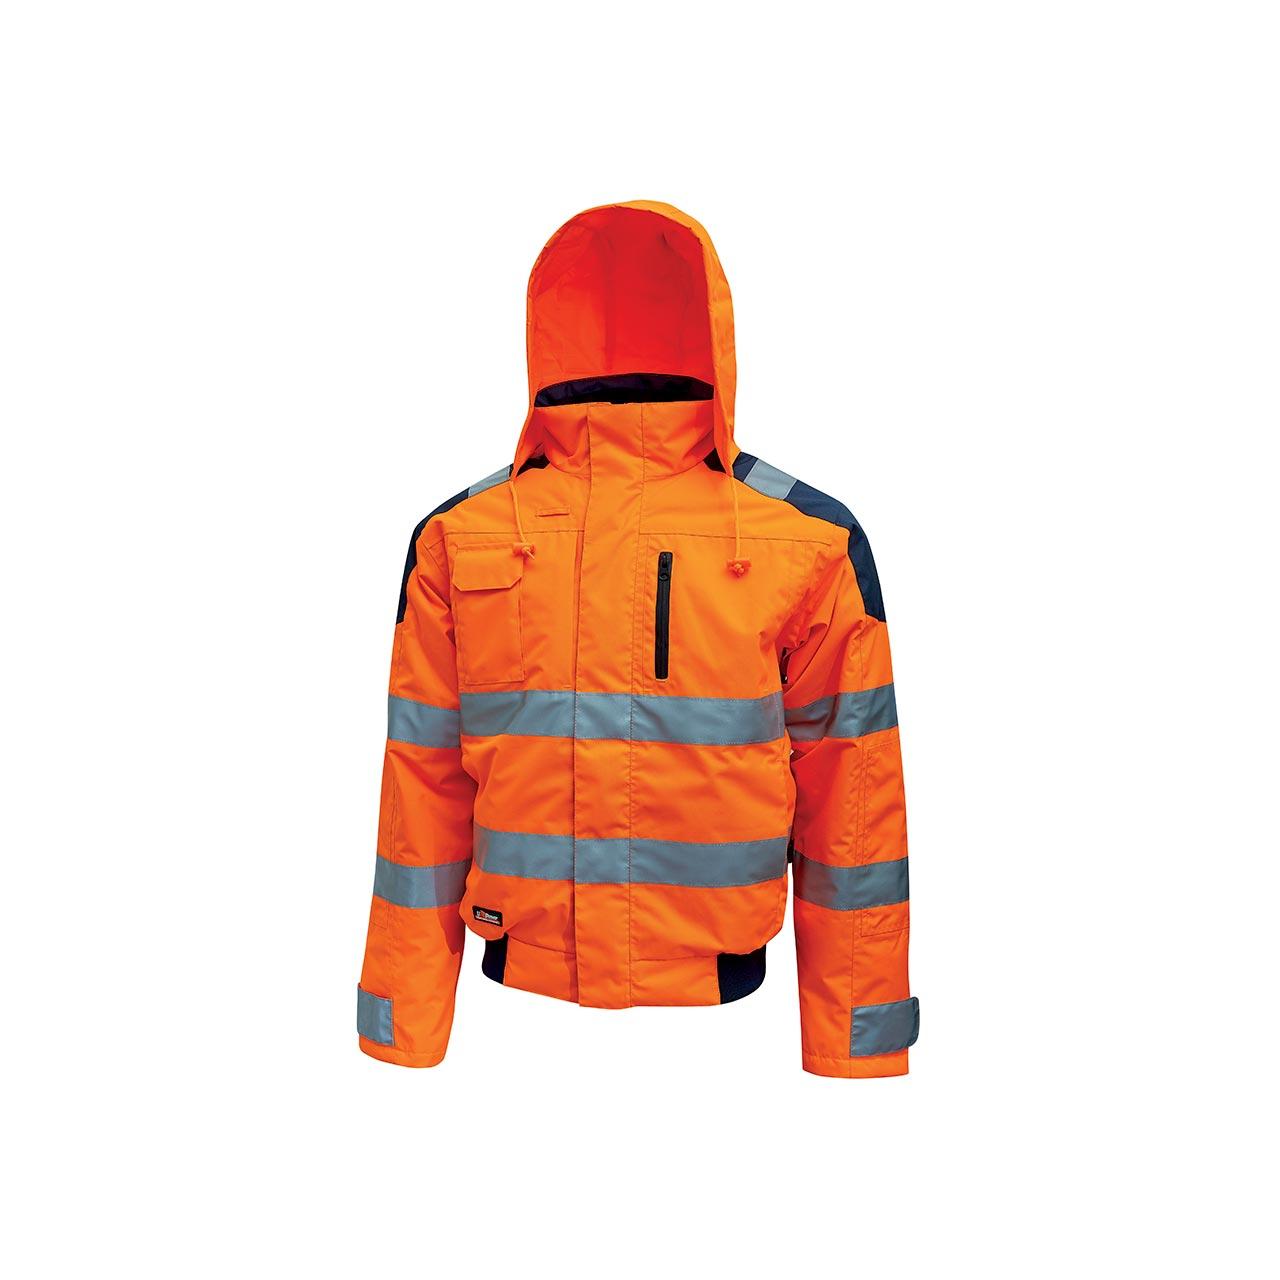 giacca da lavoro upower modello best colore orange fluo